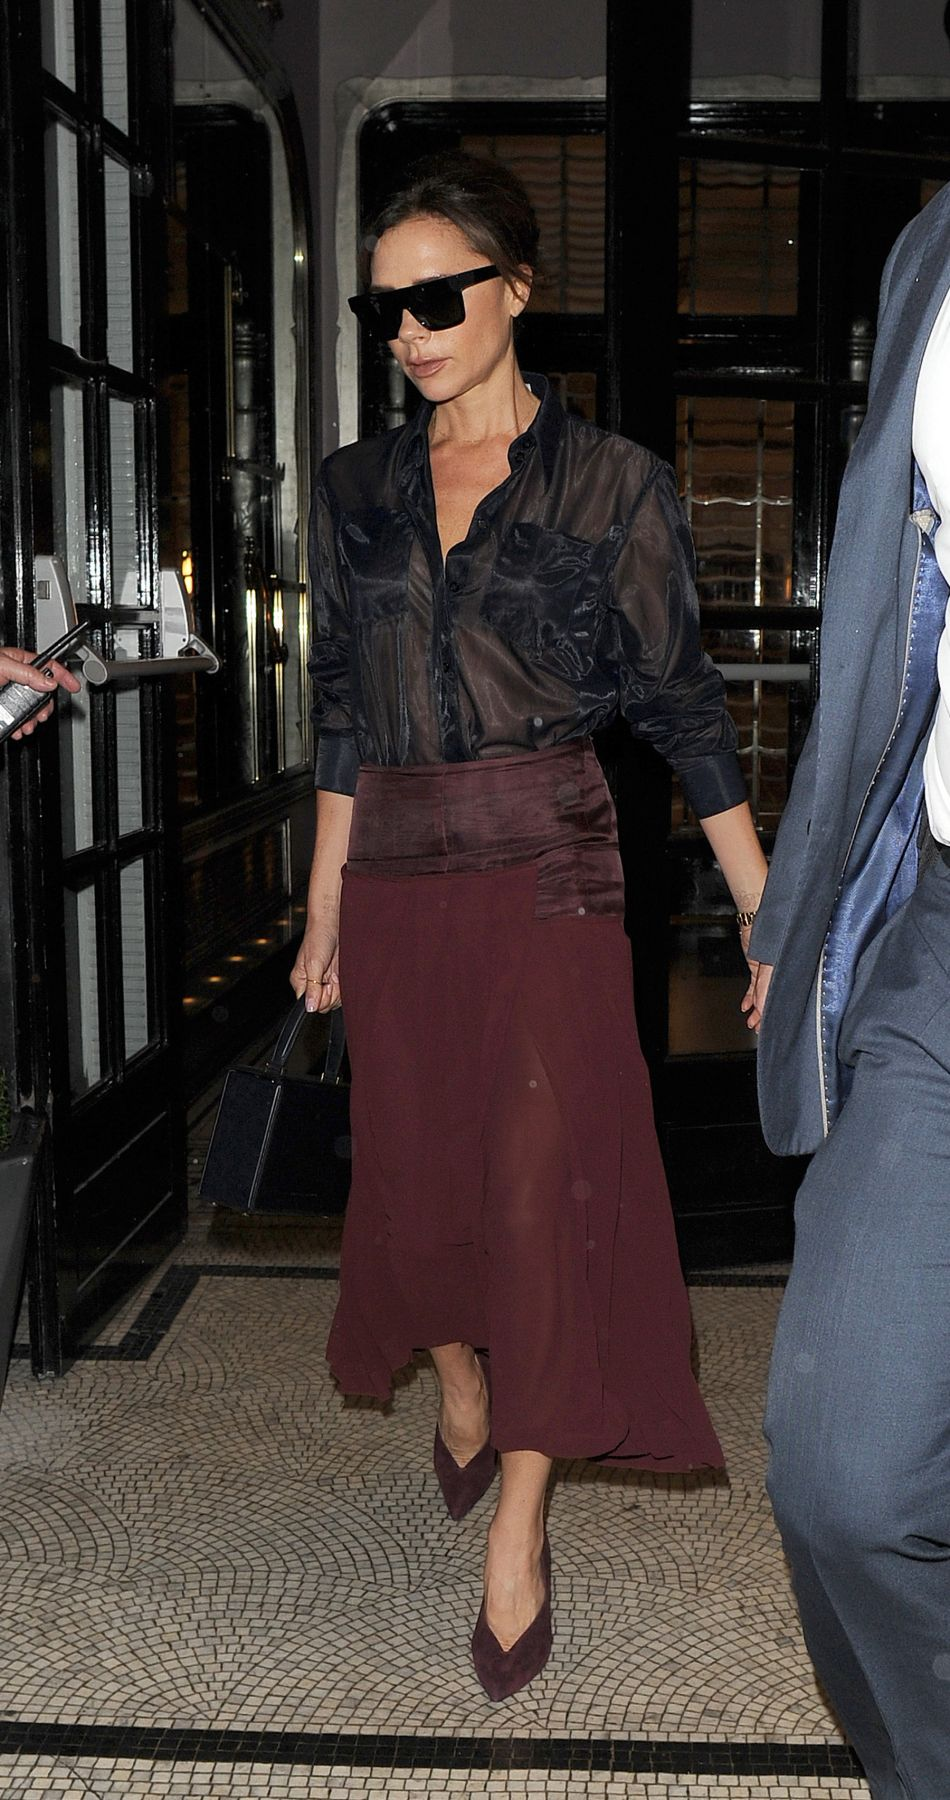 Victoria Beckham donne une leçon de style dans une tenue audacieuse à Londres.